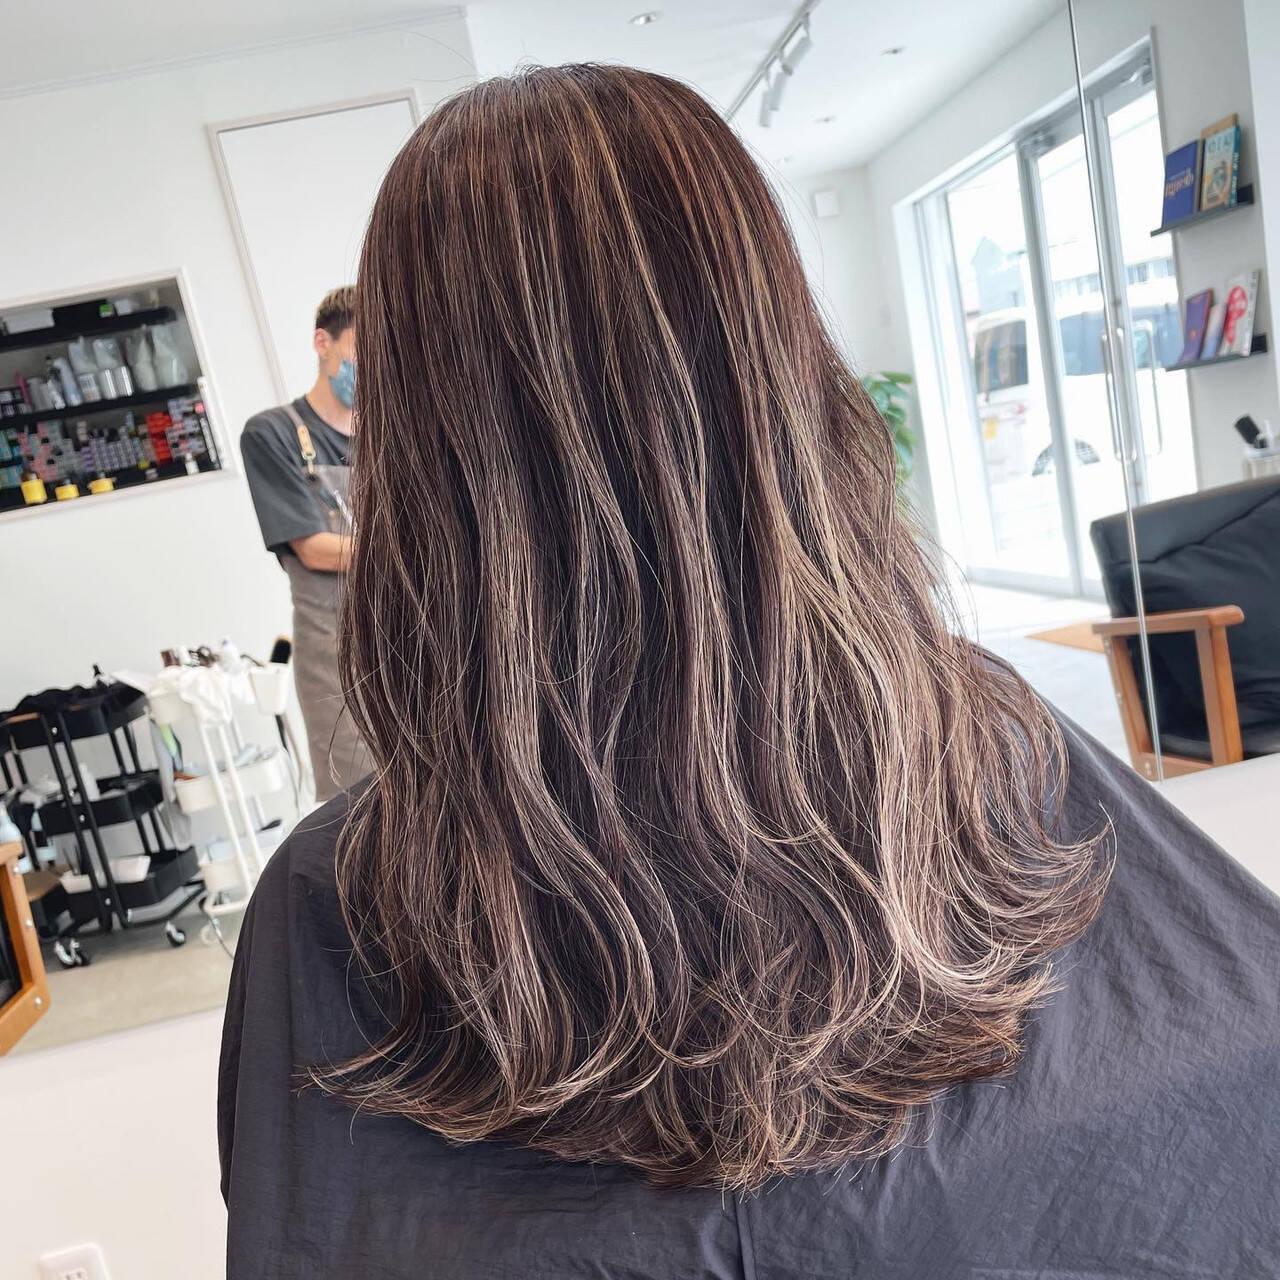 ロング ハイライト コントラストハイライト 大人ハイライトヘアスタイルや髪型の写真・画像